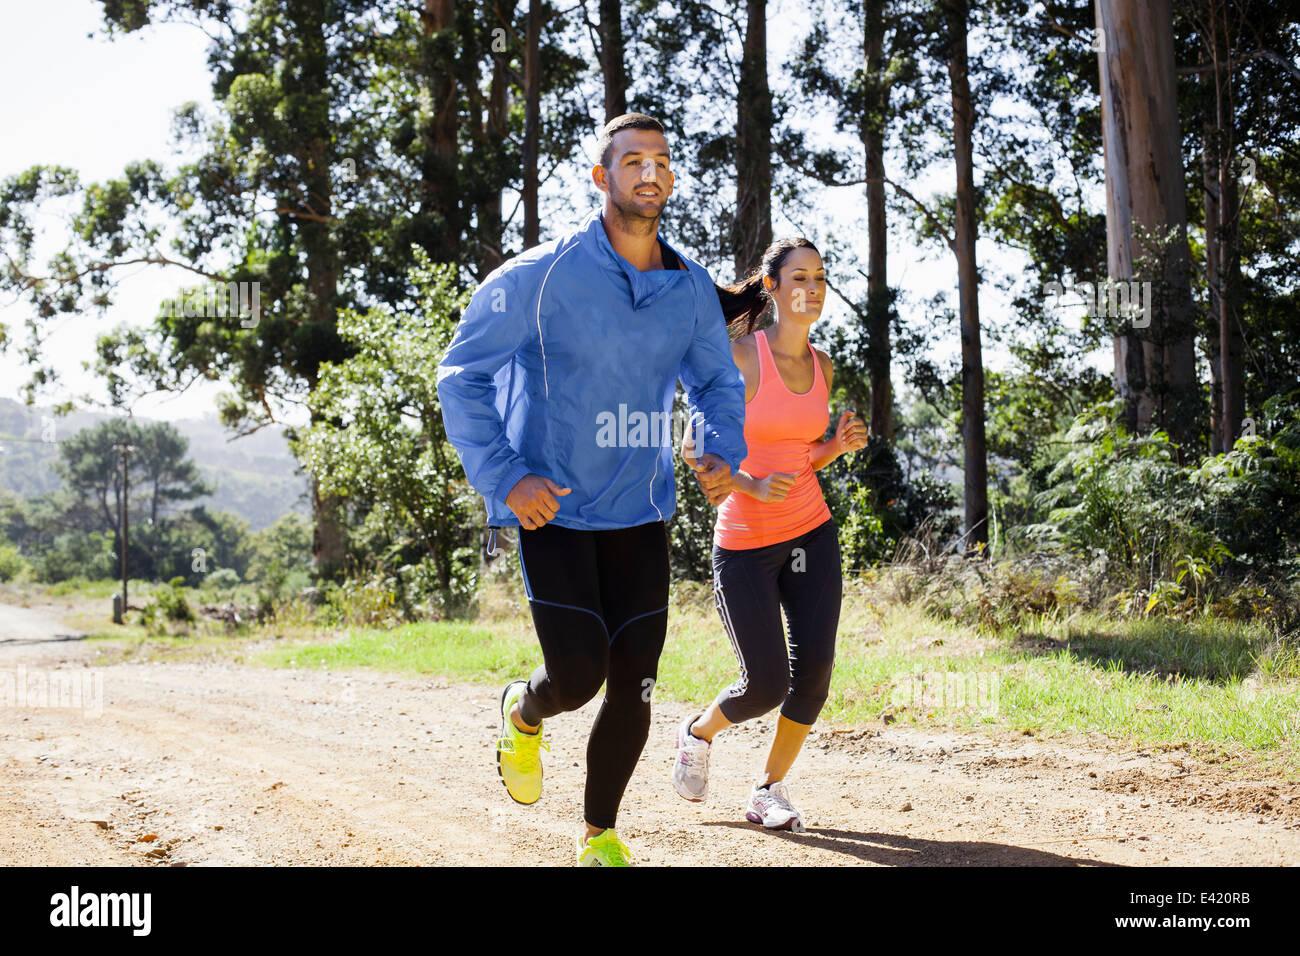 Coppia giovane jogging in foresta Immagini Stock